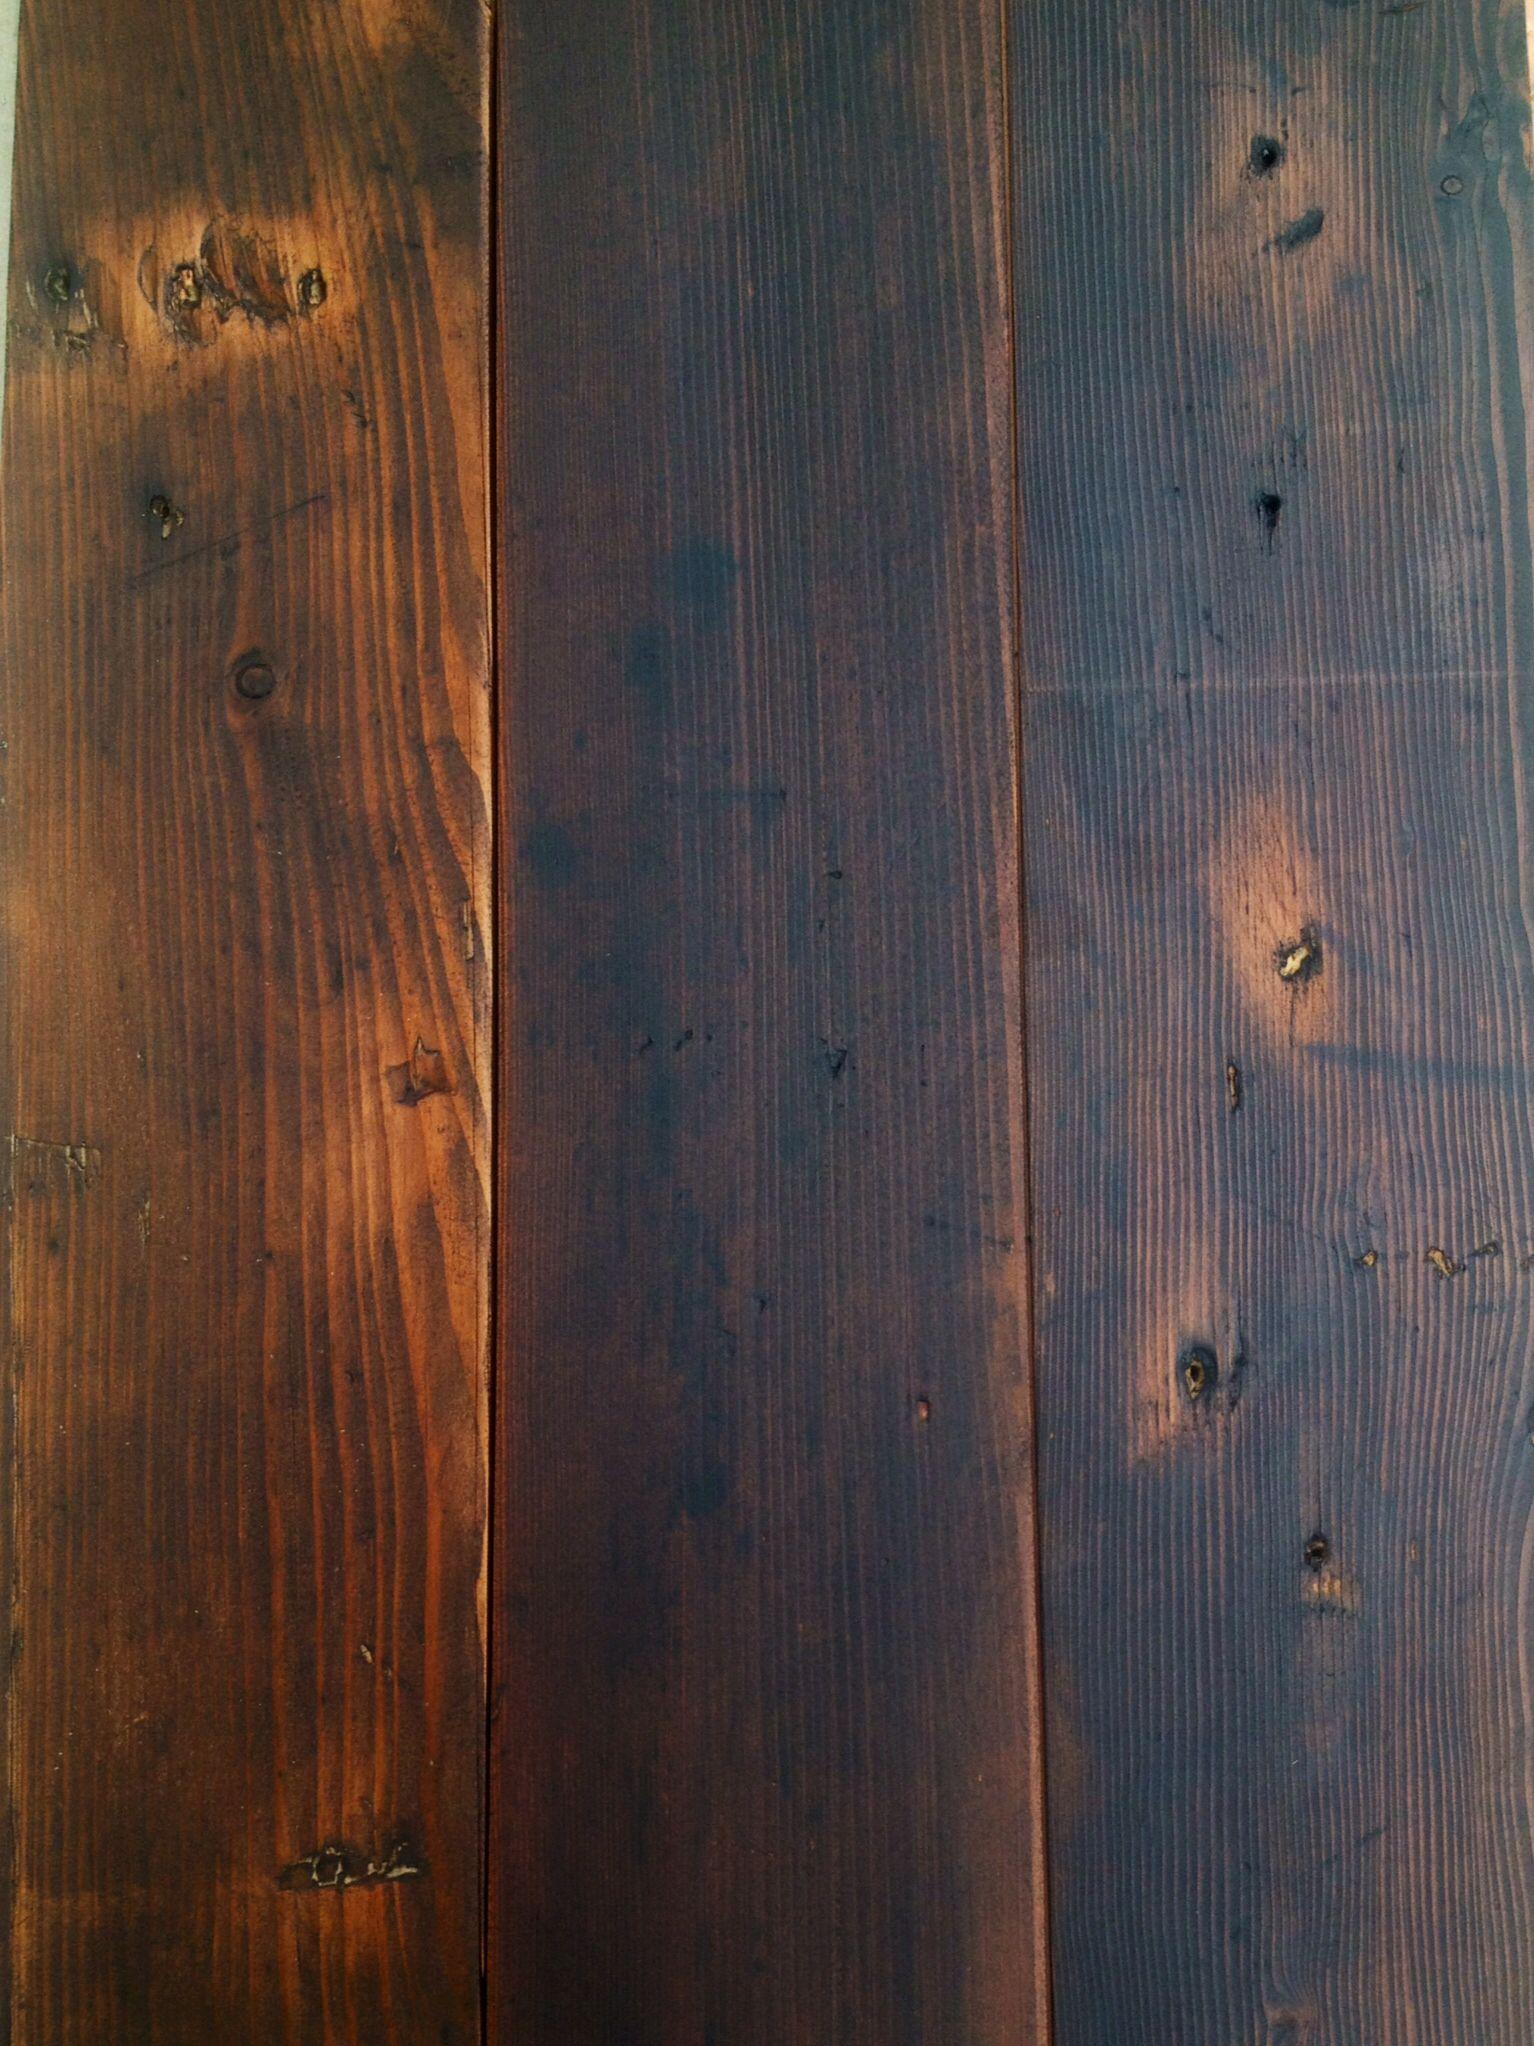 Staining Douglas Fir Flooring